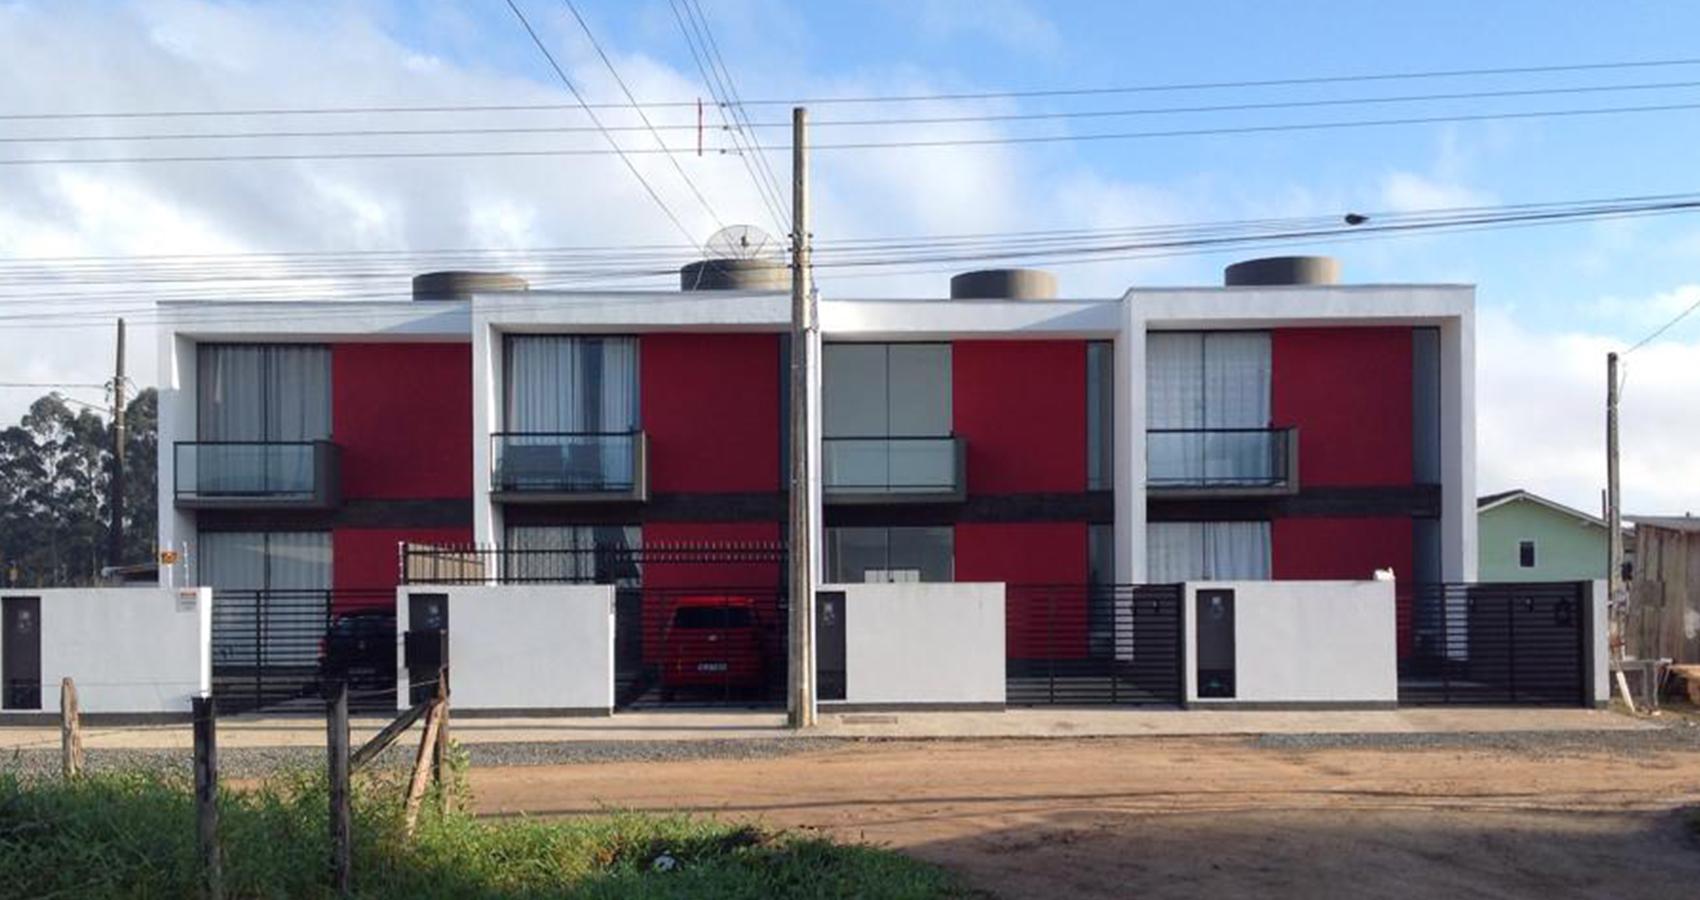 PJV Arquitetura - Habitação social